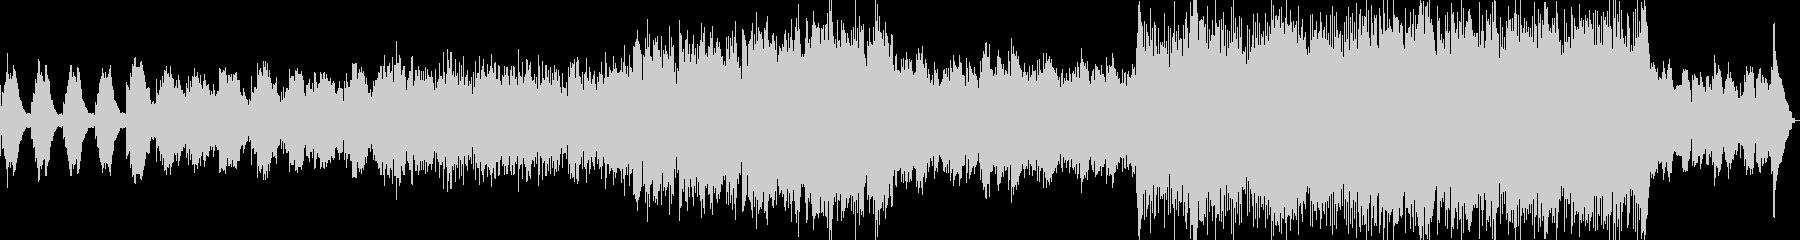 透明感のある電子音ポップの未再生の波形